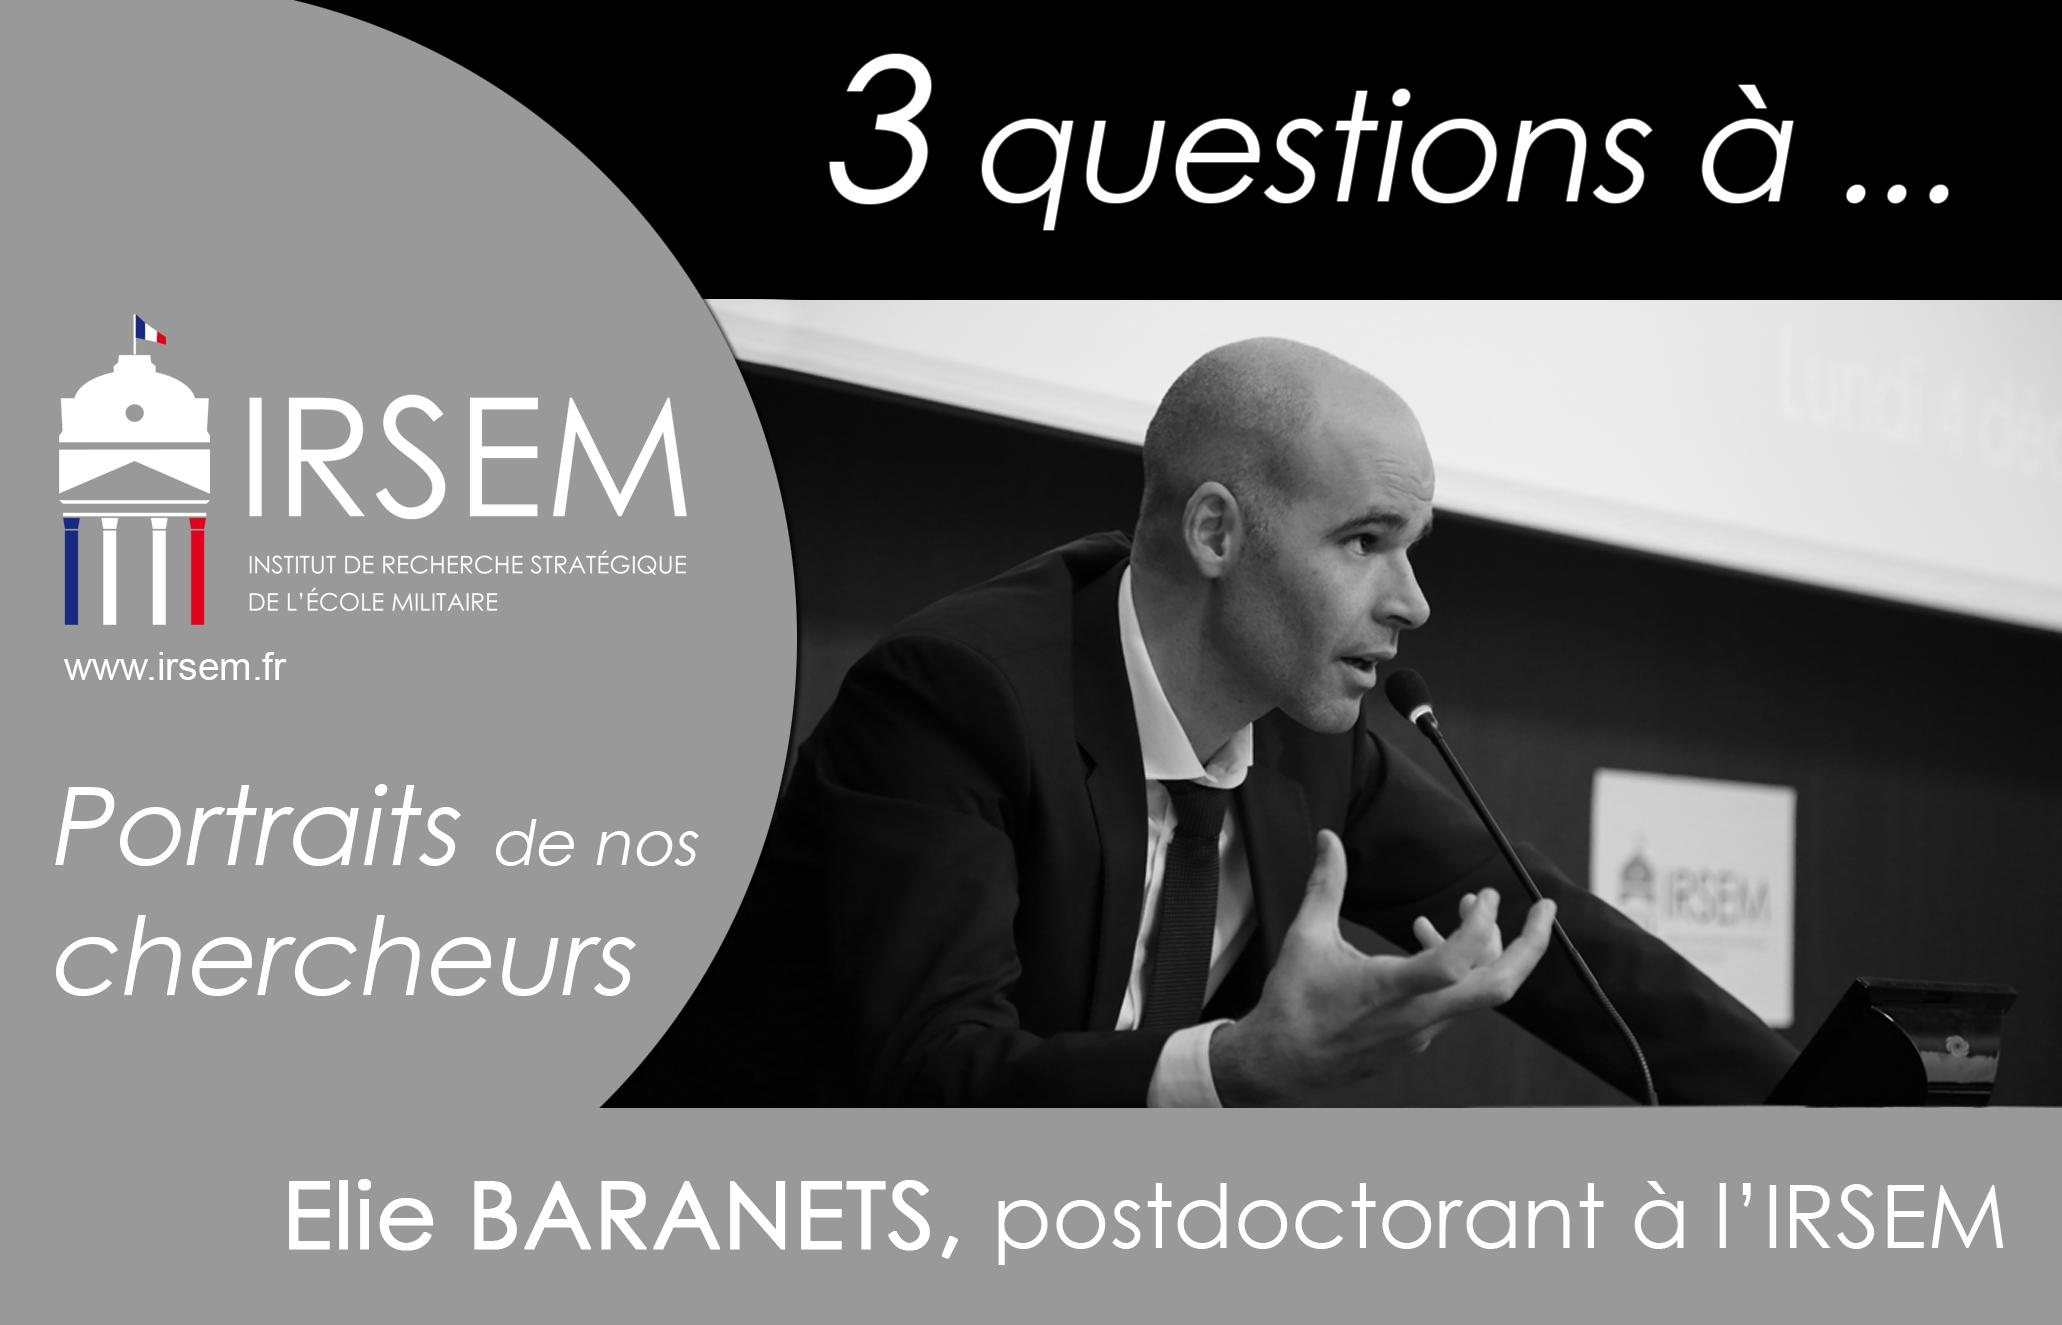 3 questions à ... Elie BARANETS